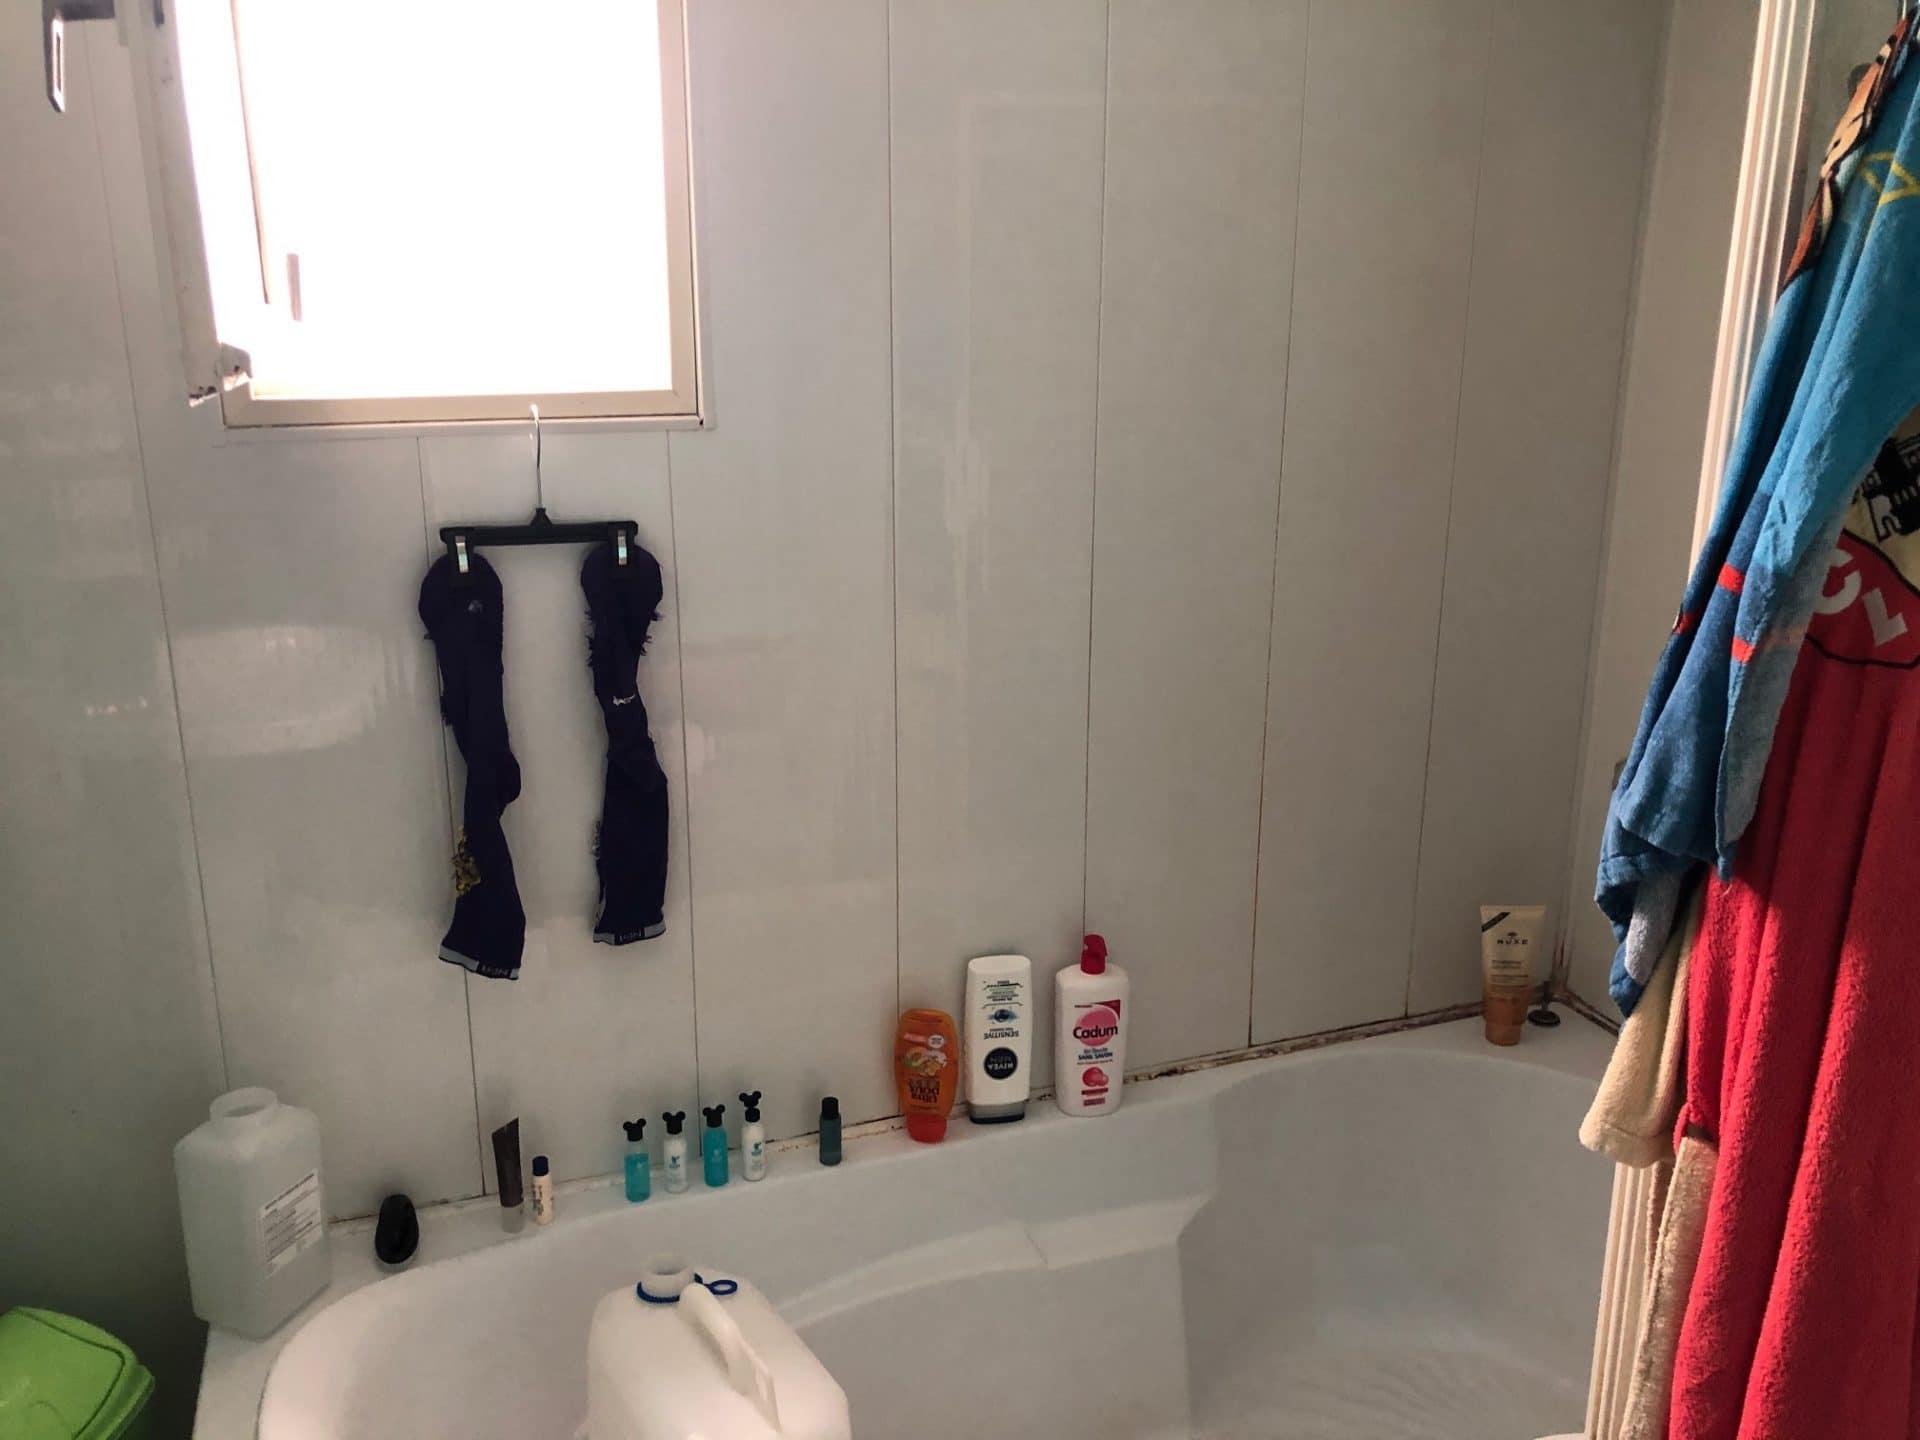 Rénovation d'une salle de bain à Croisilles (62)